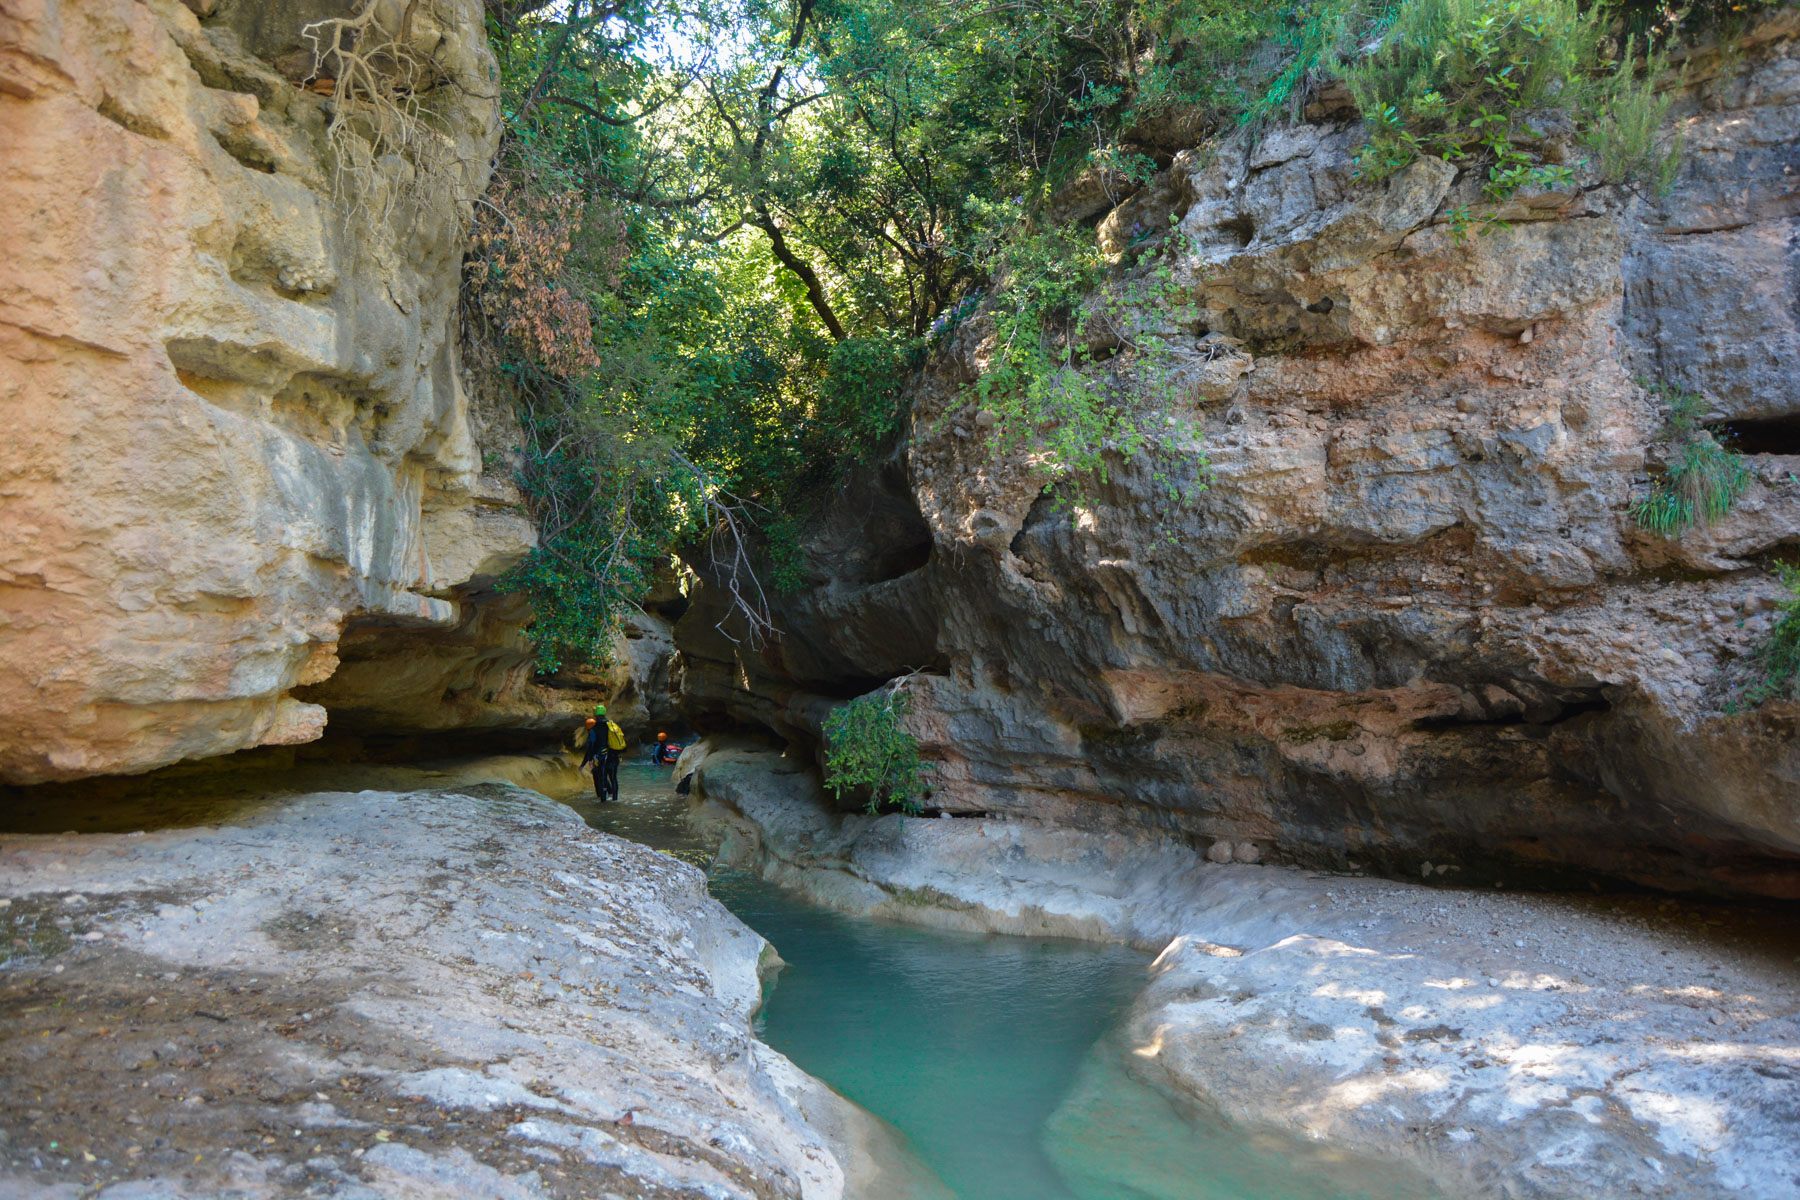 Barranco del Formiga, Sierra de Guara 42